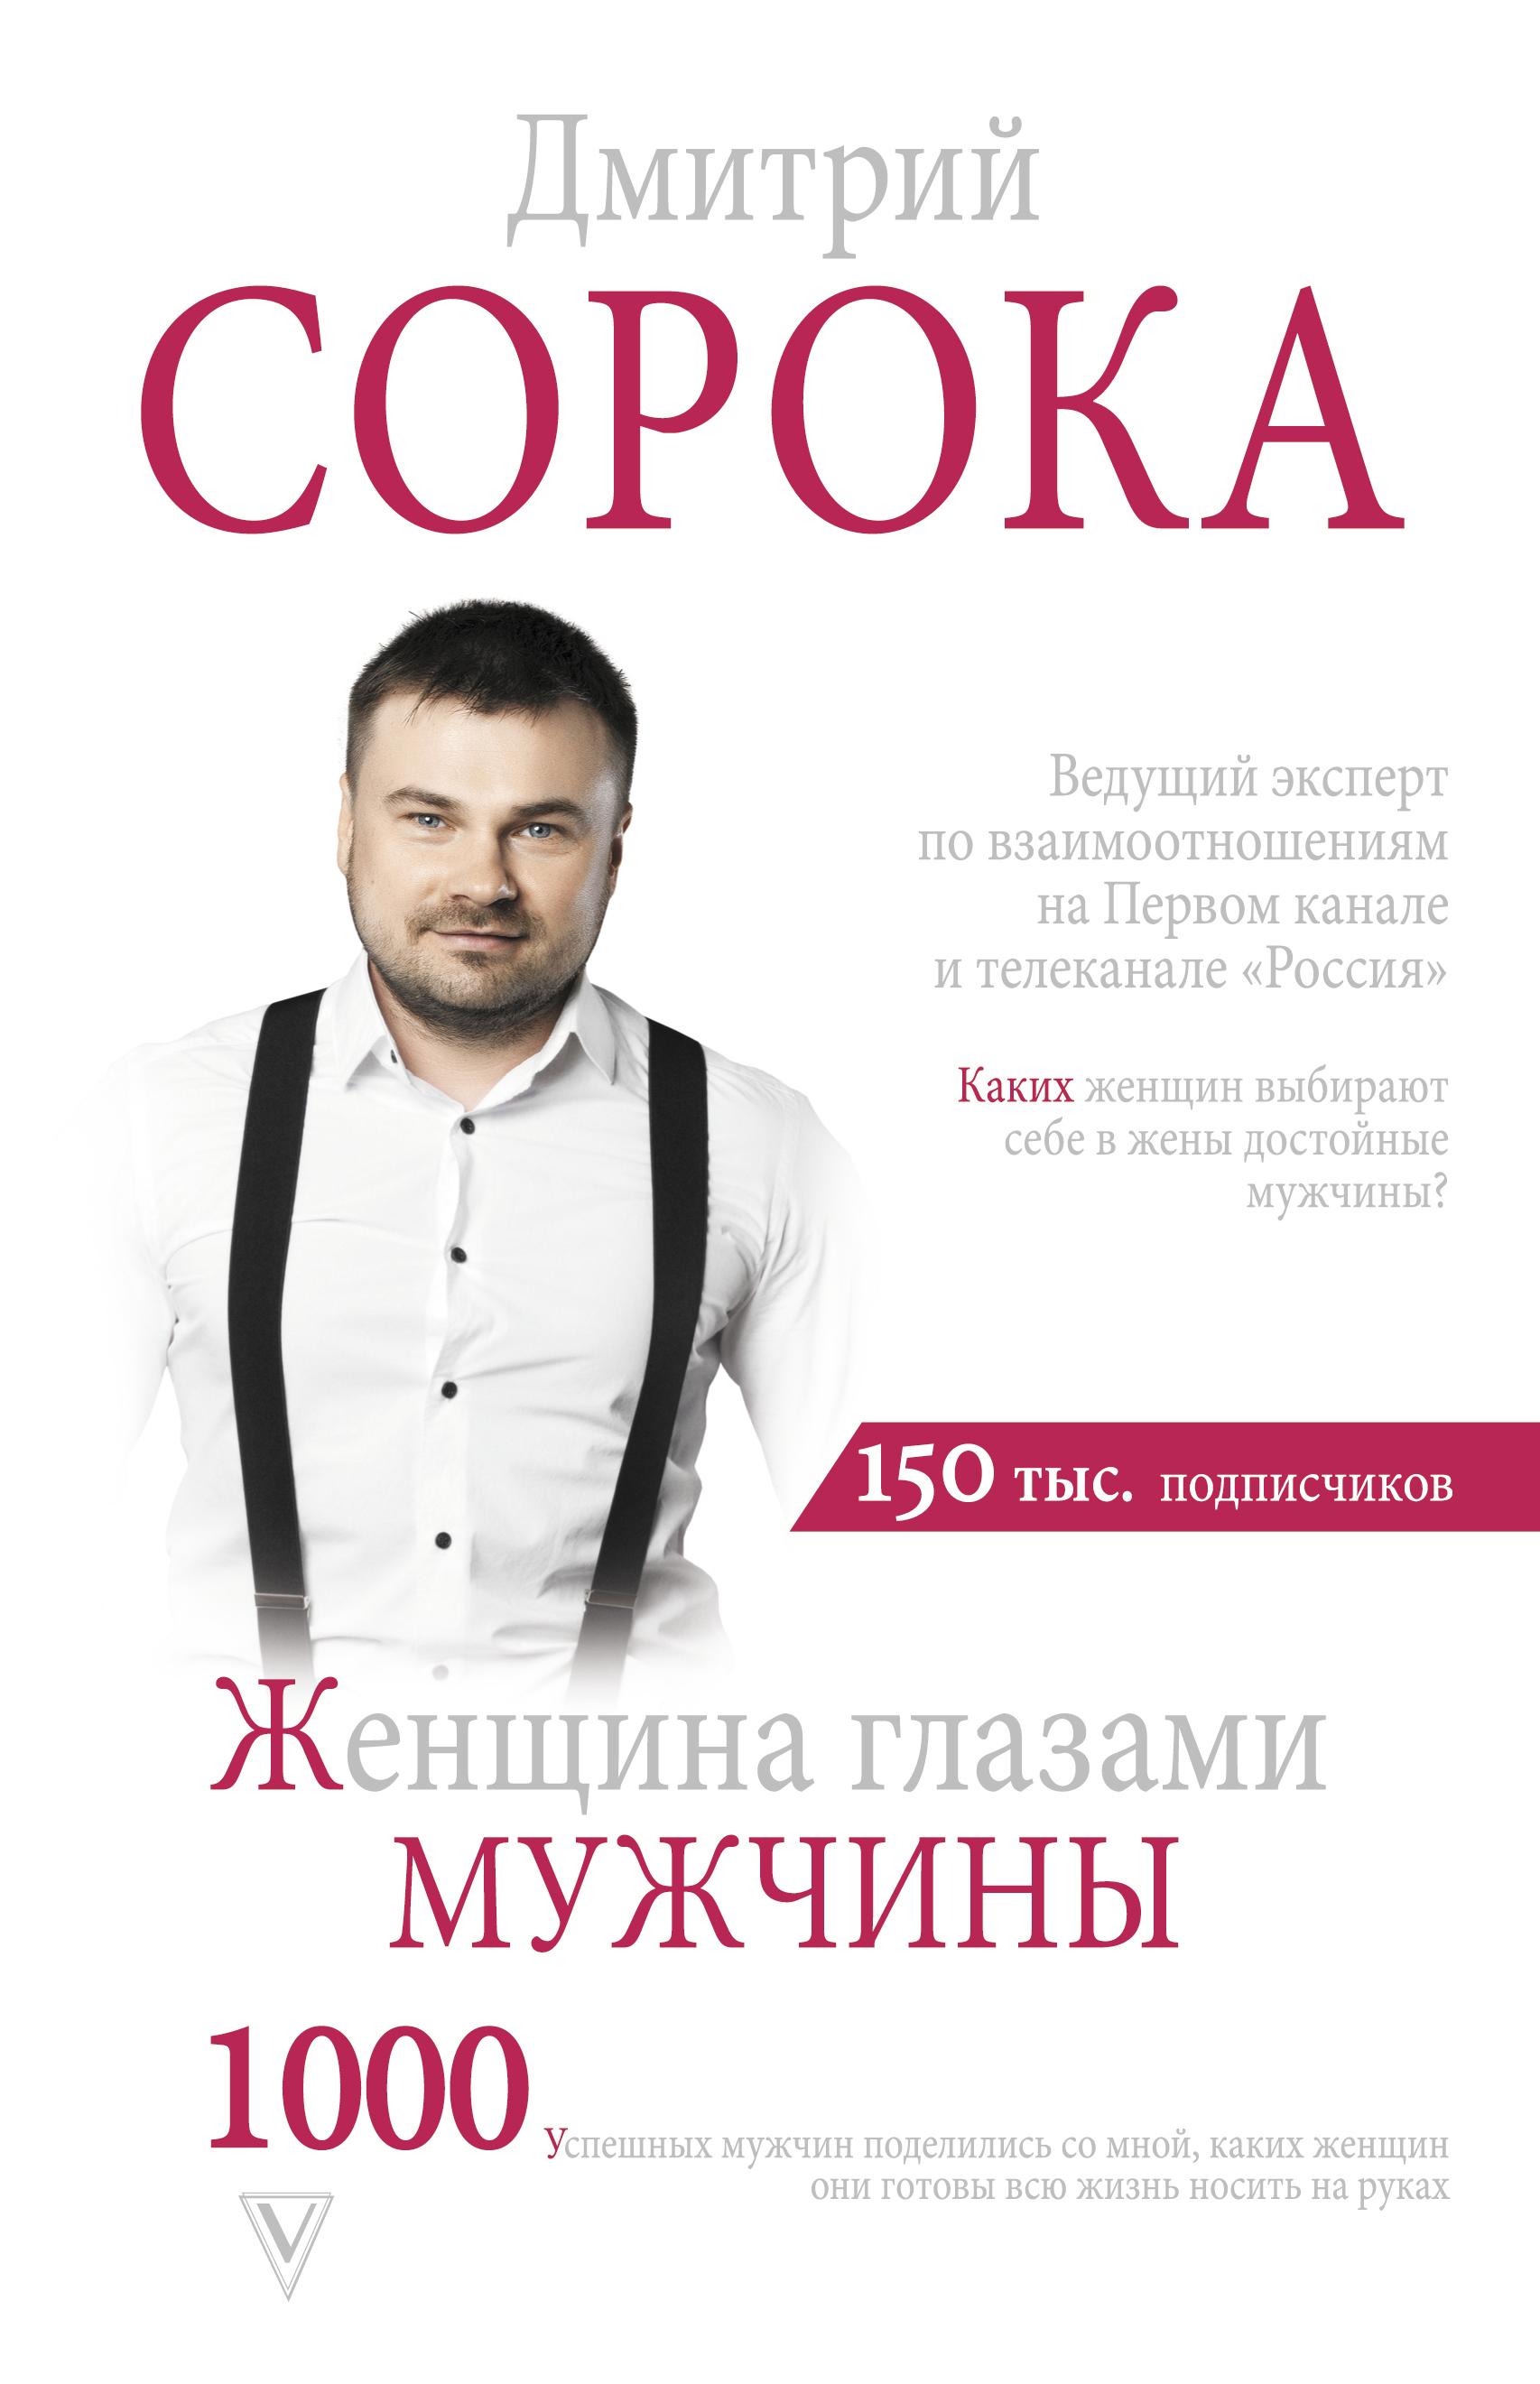 Женщина глазами мужчины - Дмитрий Сорока